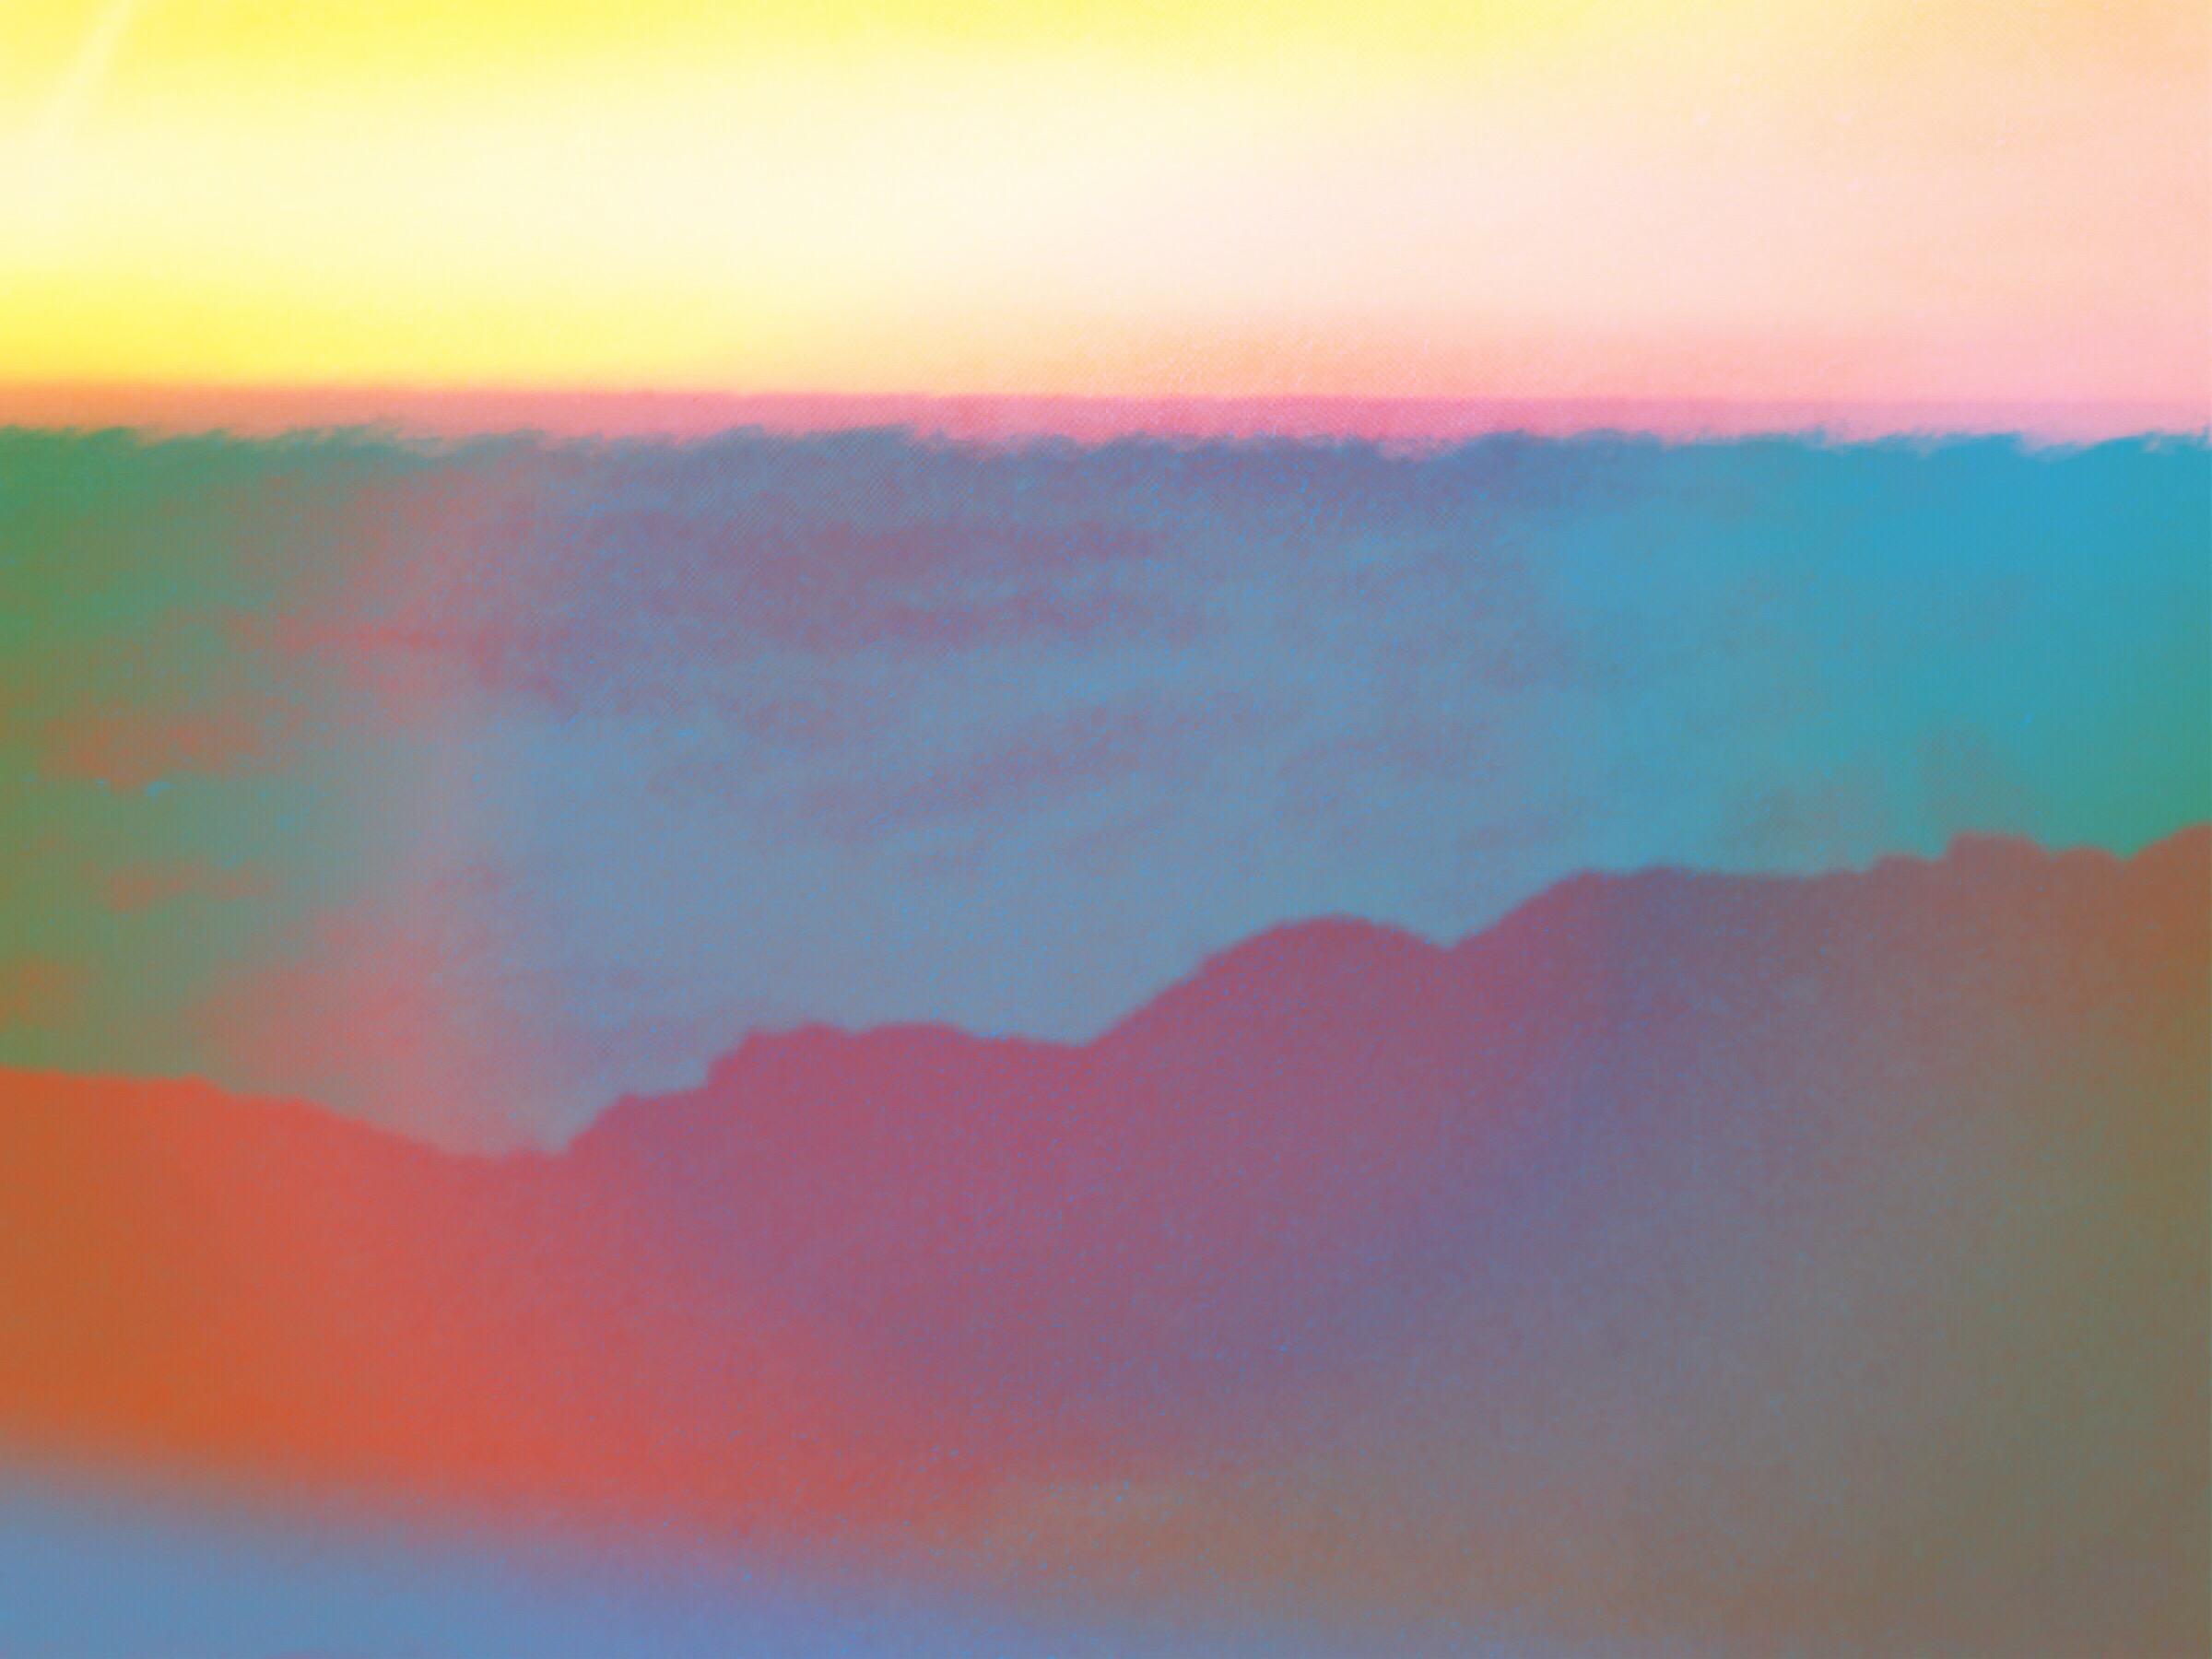 penelope umbrico sunset popart bresson summer lightleak